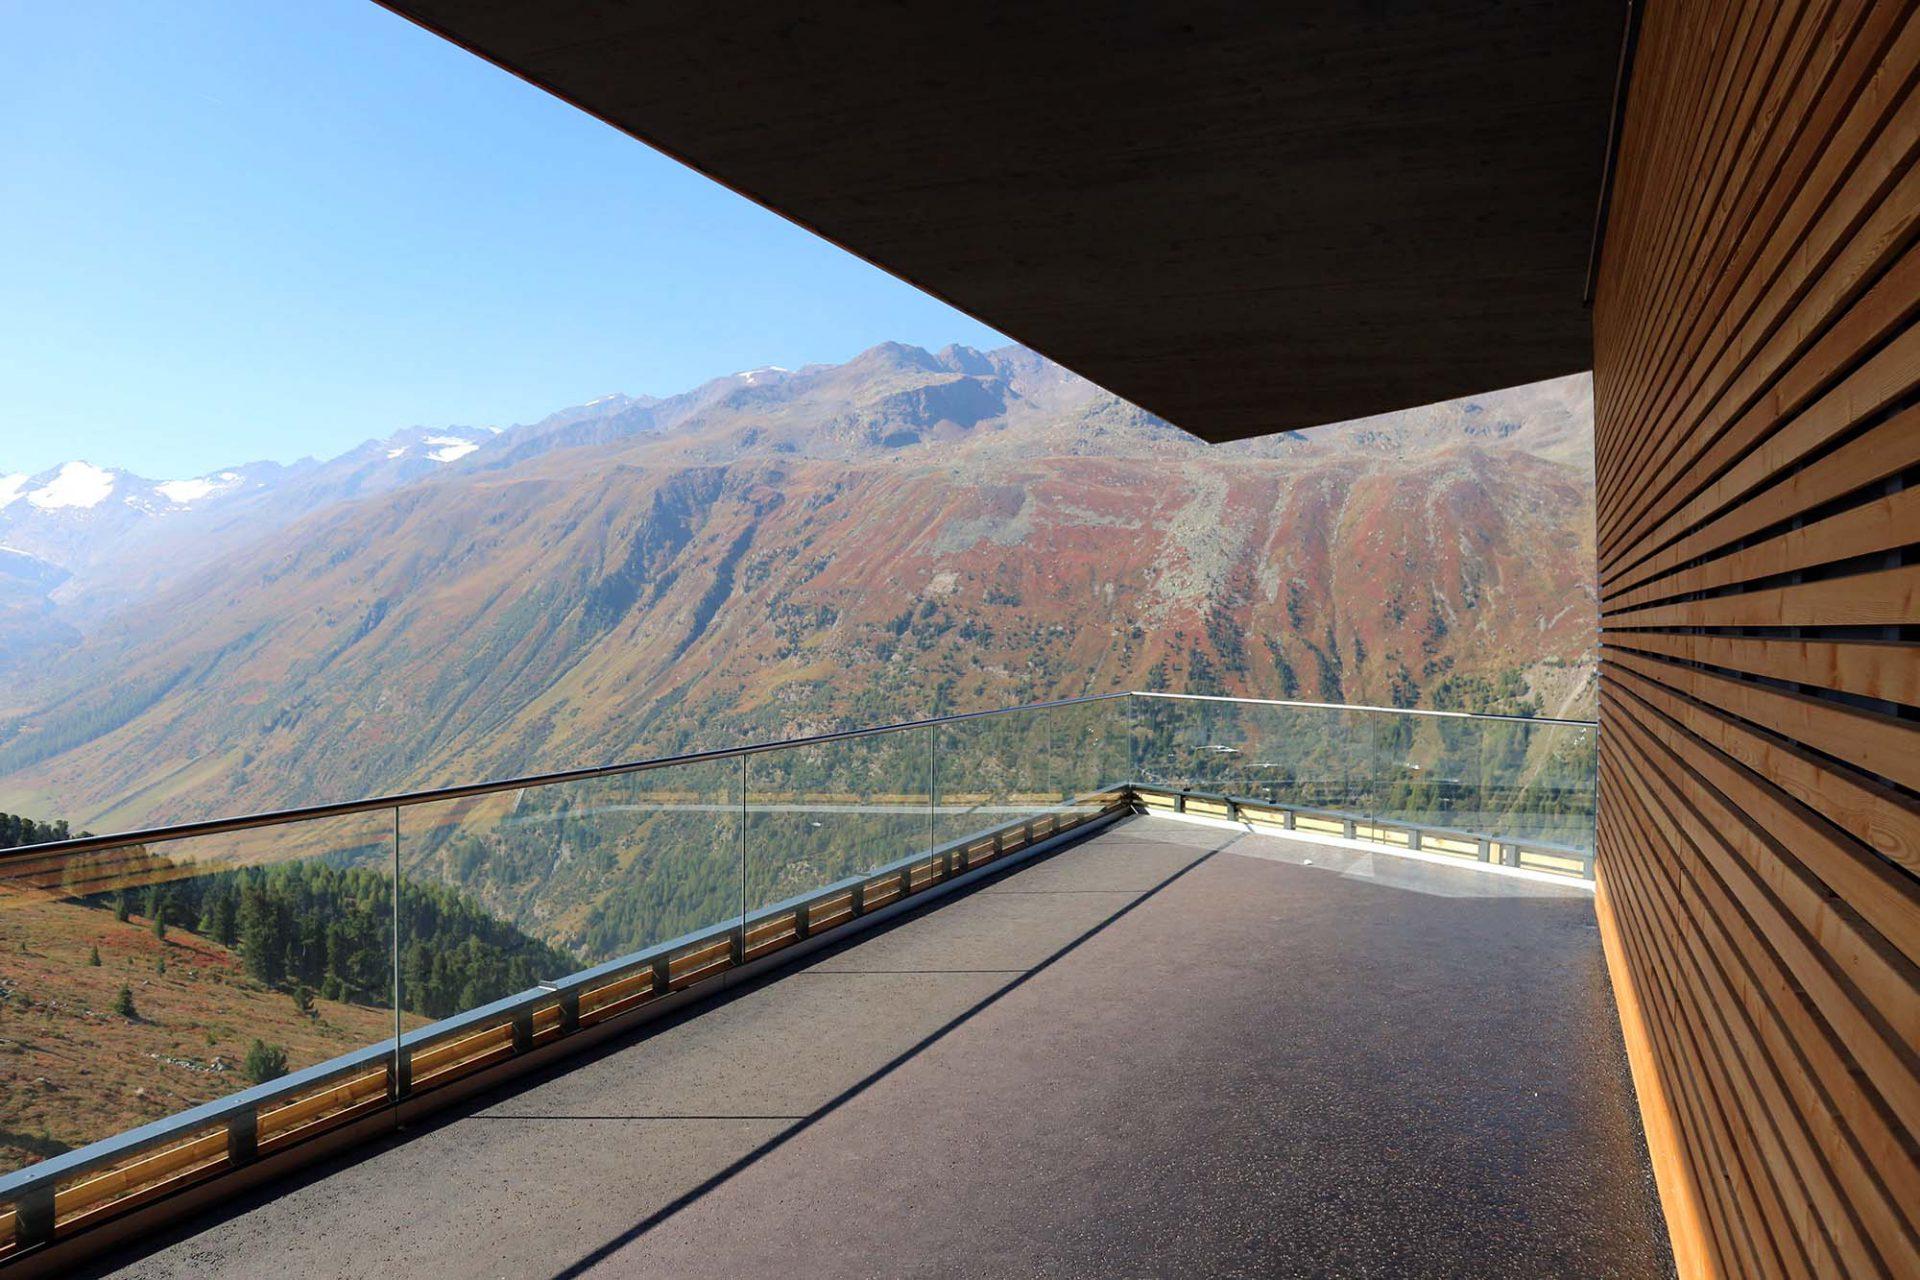 Top Mountain X-Cross Point. ... und eröffnet fantastische Ausblicke ins untere Ötztal.